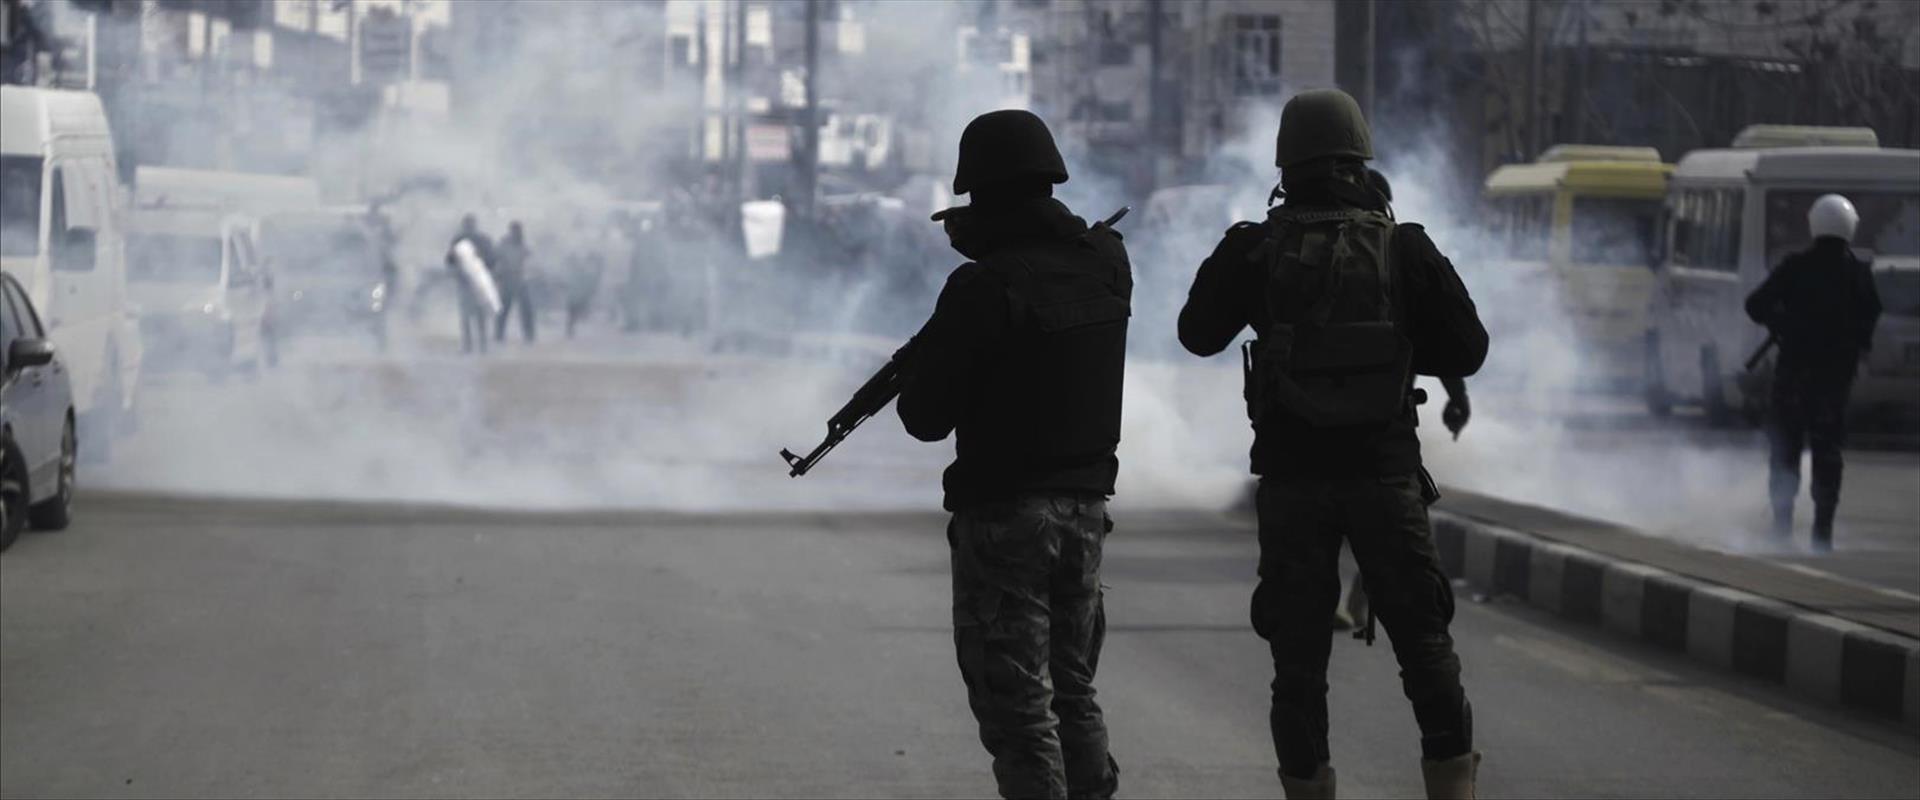 שוטרים פלסטינים בחברון